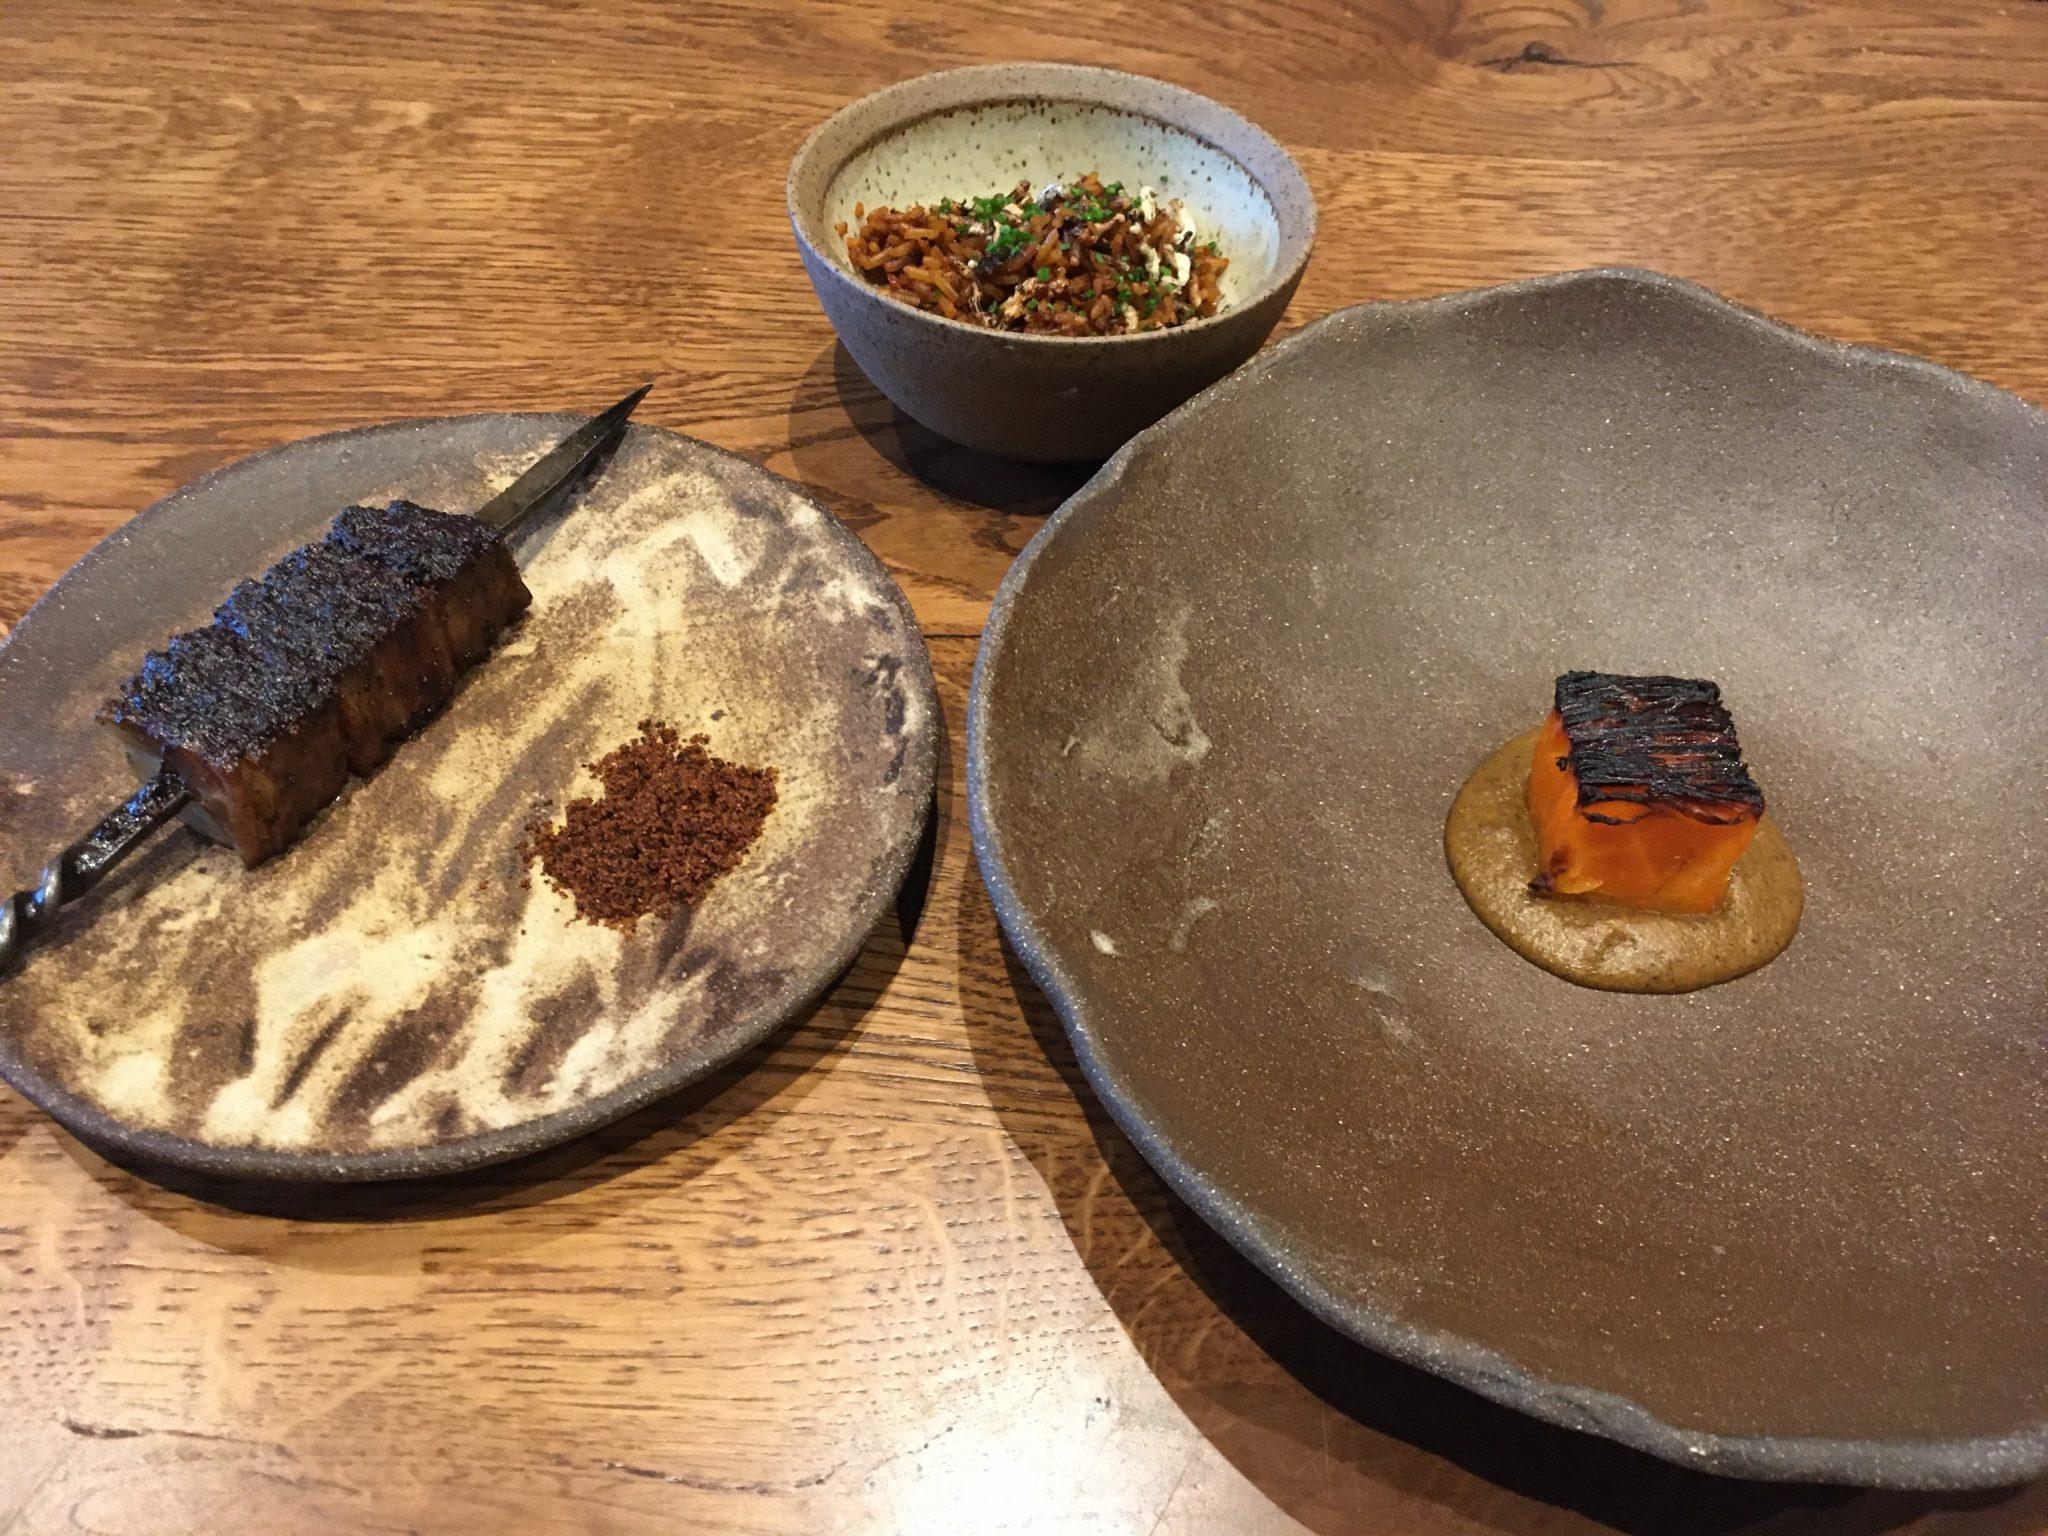 Akoko Jollof rice and suya